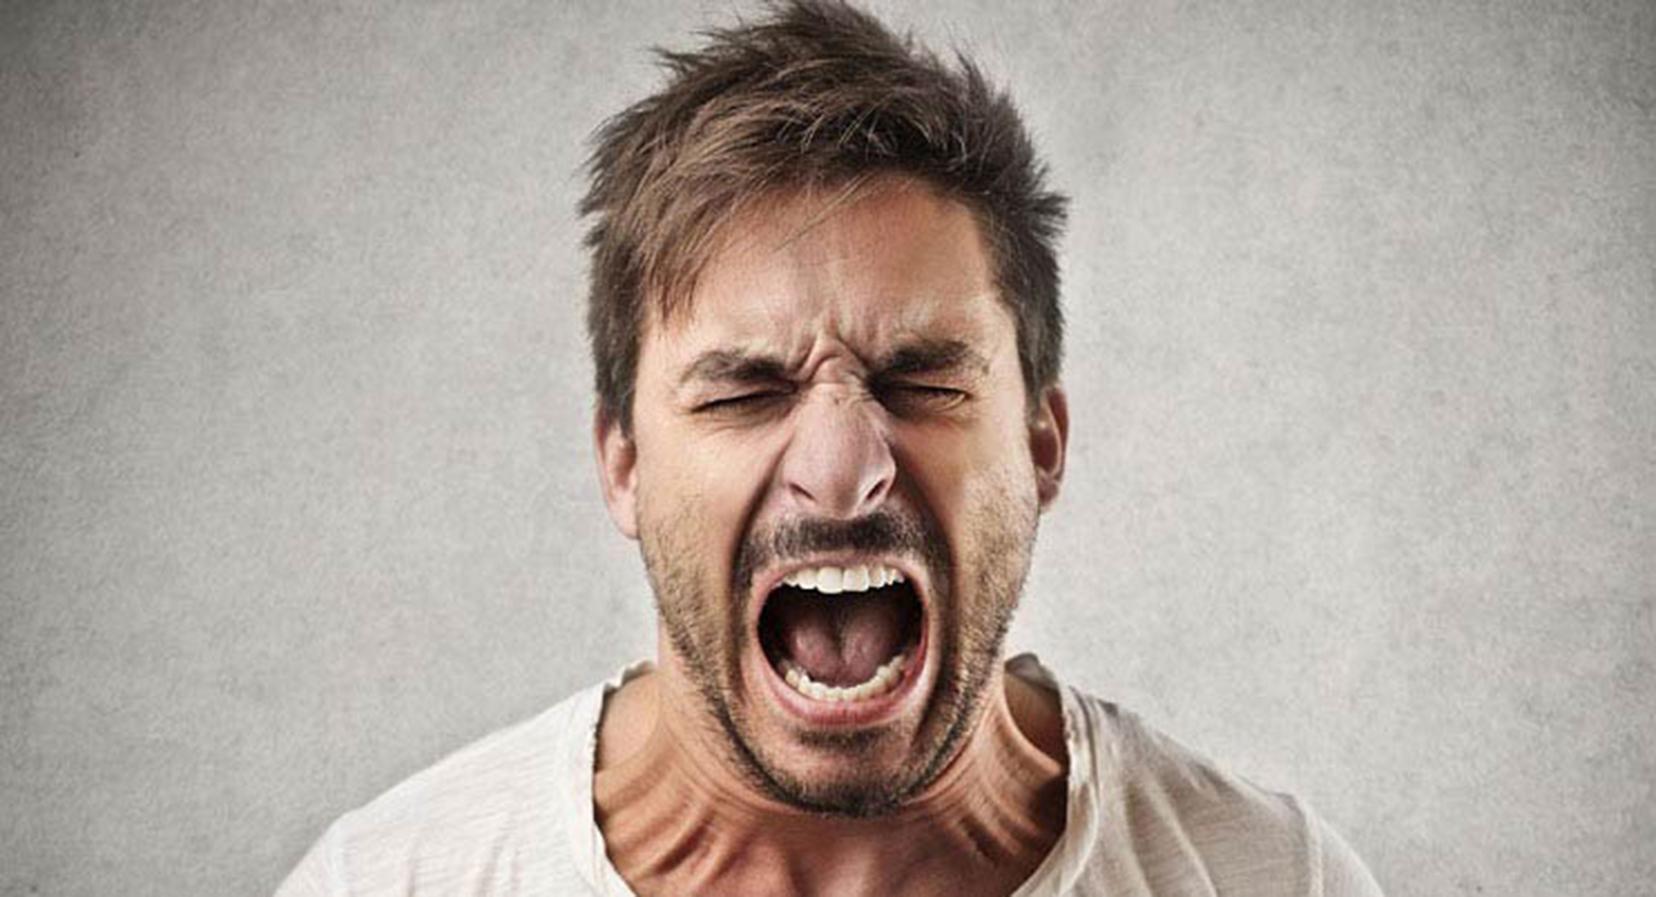 10 راه ساده برای کنترل خشم